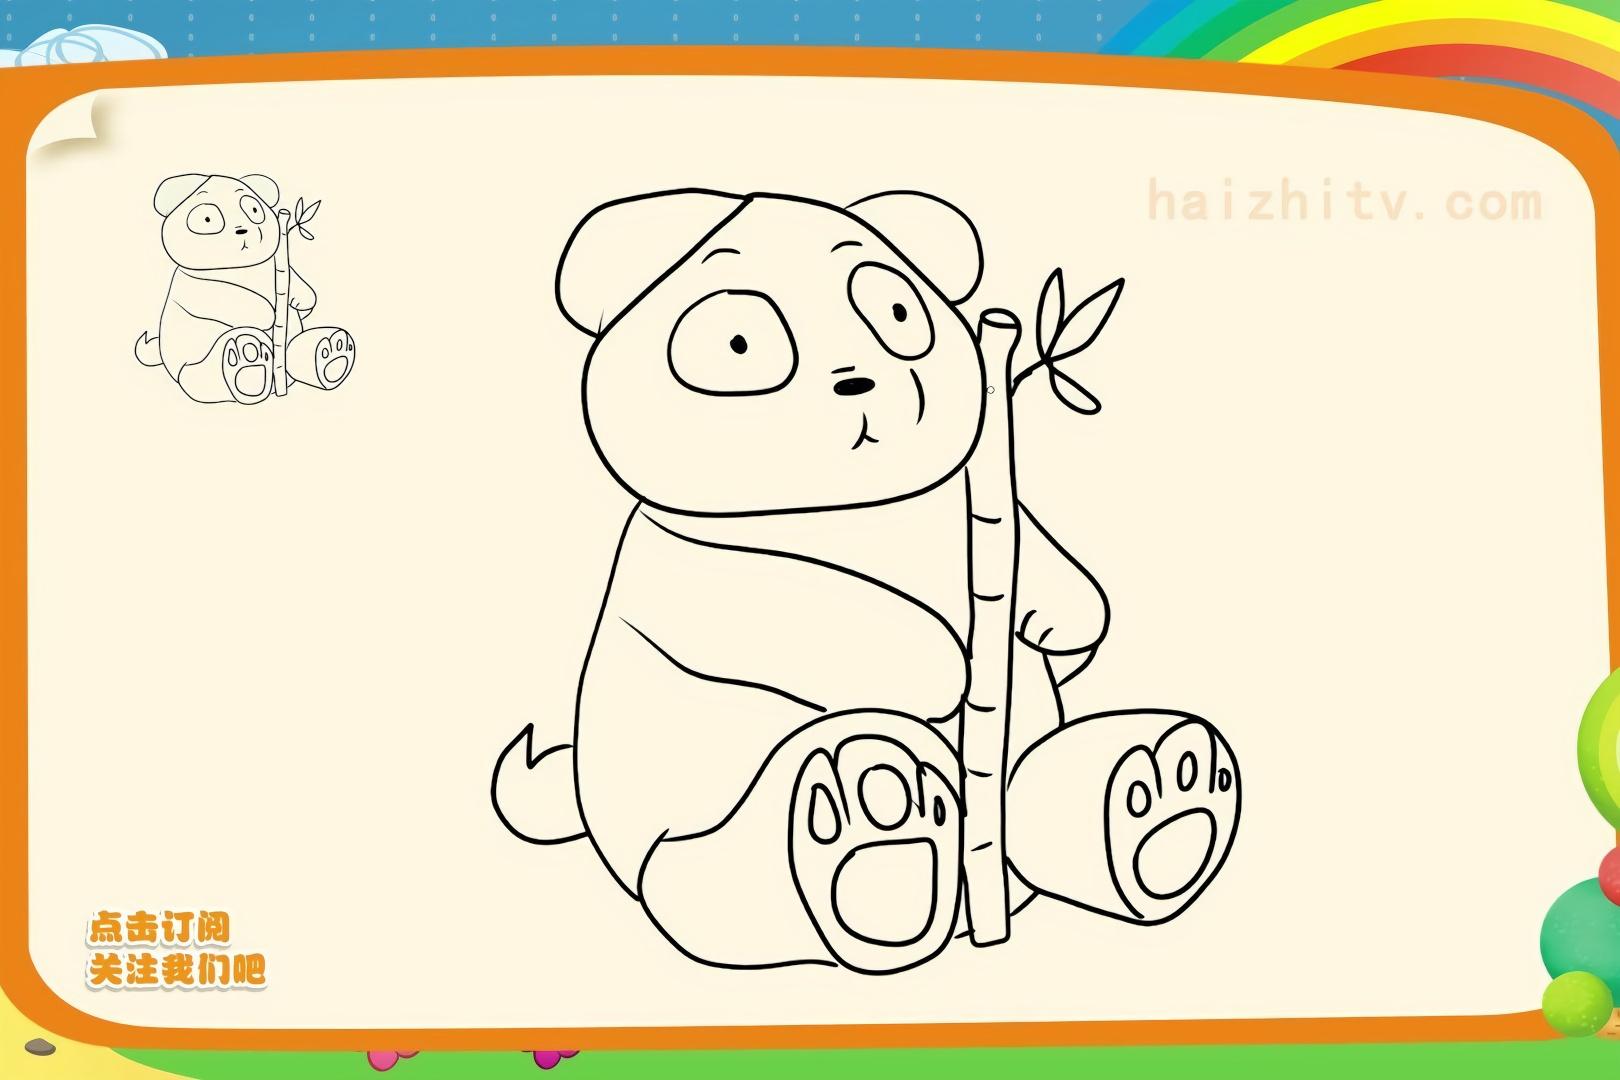 动物简笔画教程,如何画可爱的熊猫抱着竹枝,海知简笔画大全